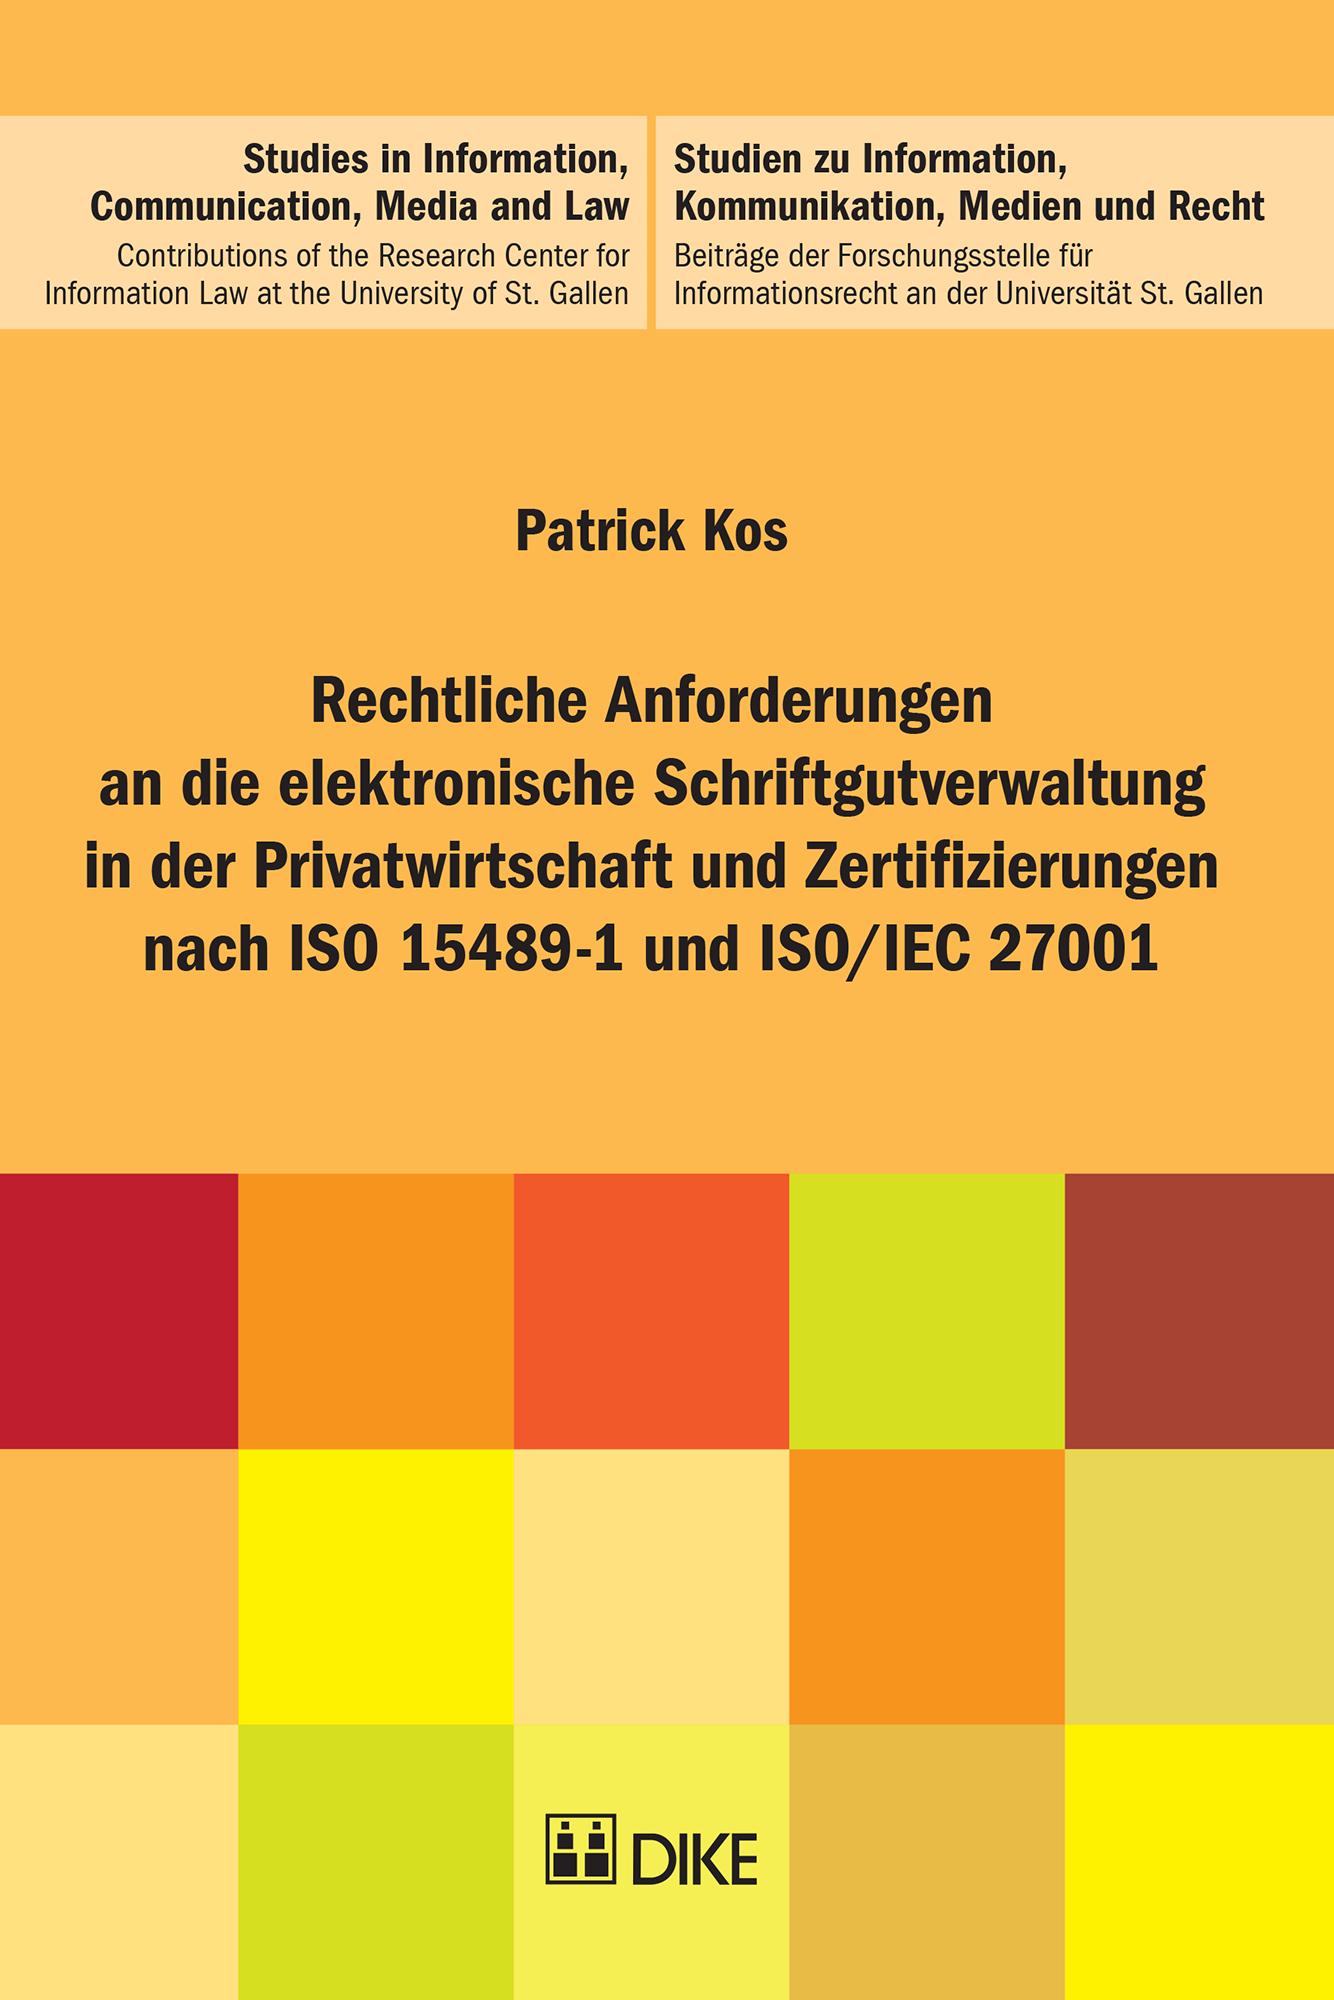 Rechtliche Anforderungen an die elektronische Schriftgutverwaltung in der Privatwirtschaft und Zertifizierungen nach ISO 15489-1 und ISO/IEC 27001